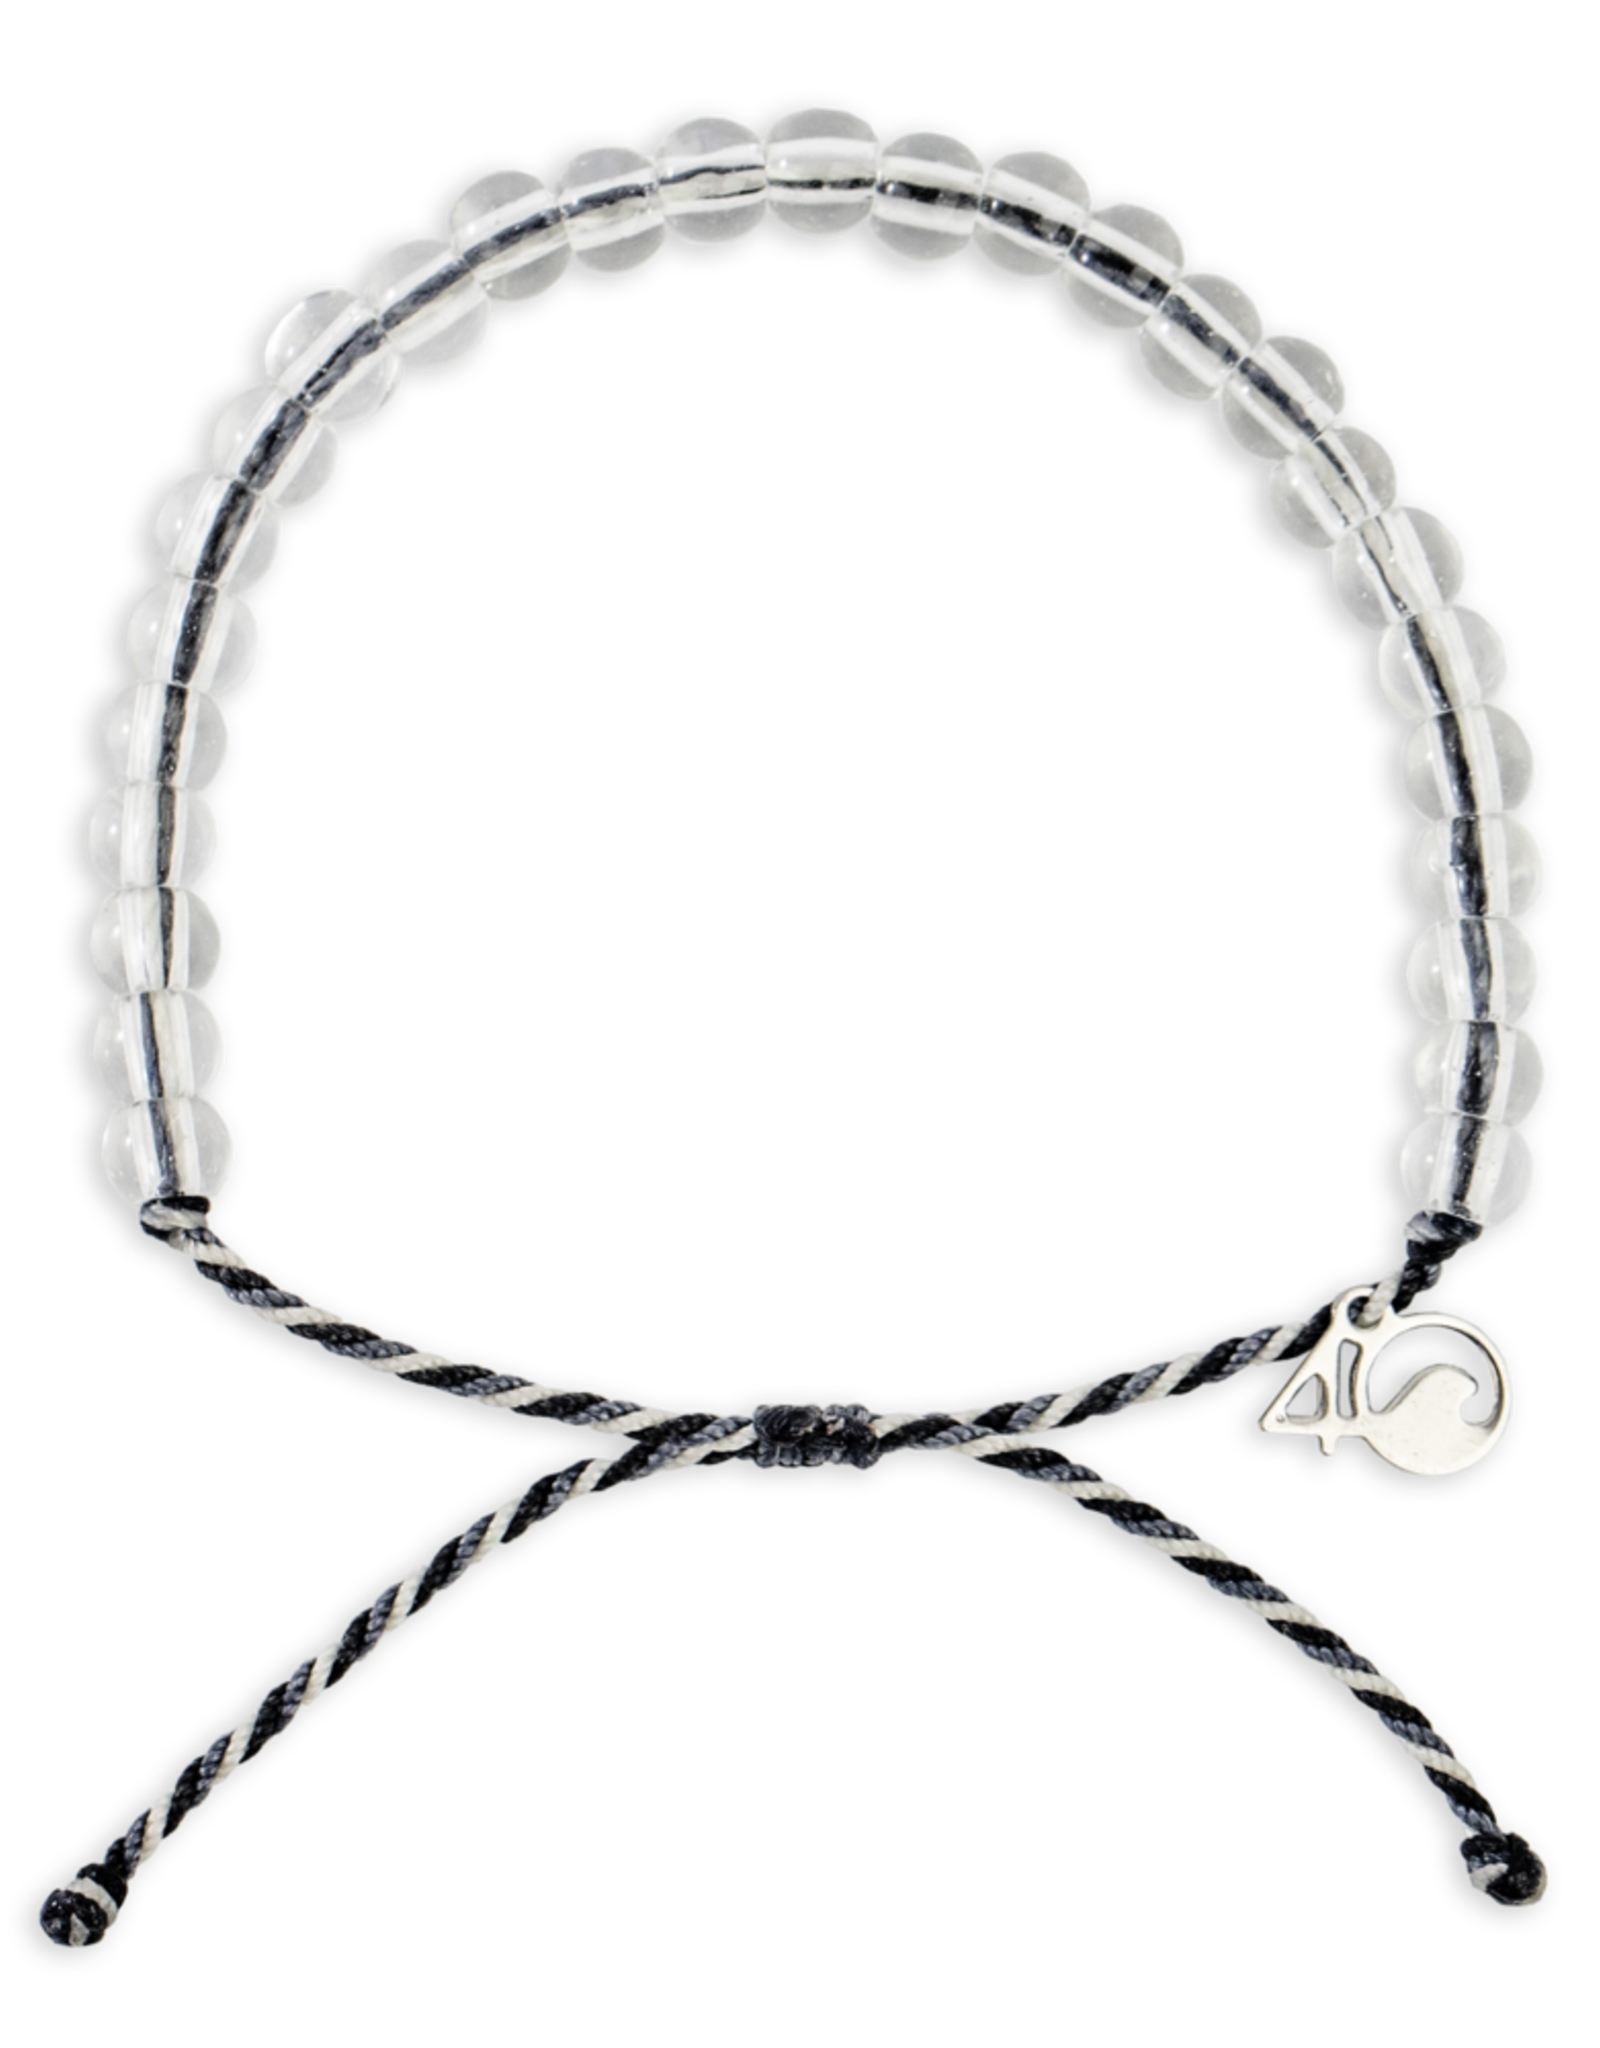 4Ocean 4Ocean Bracelet